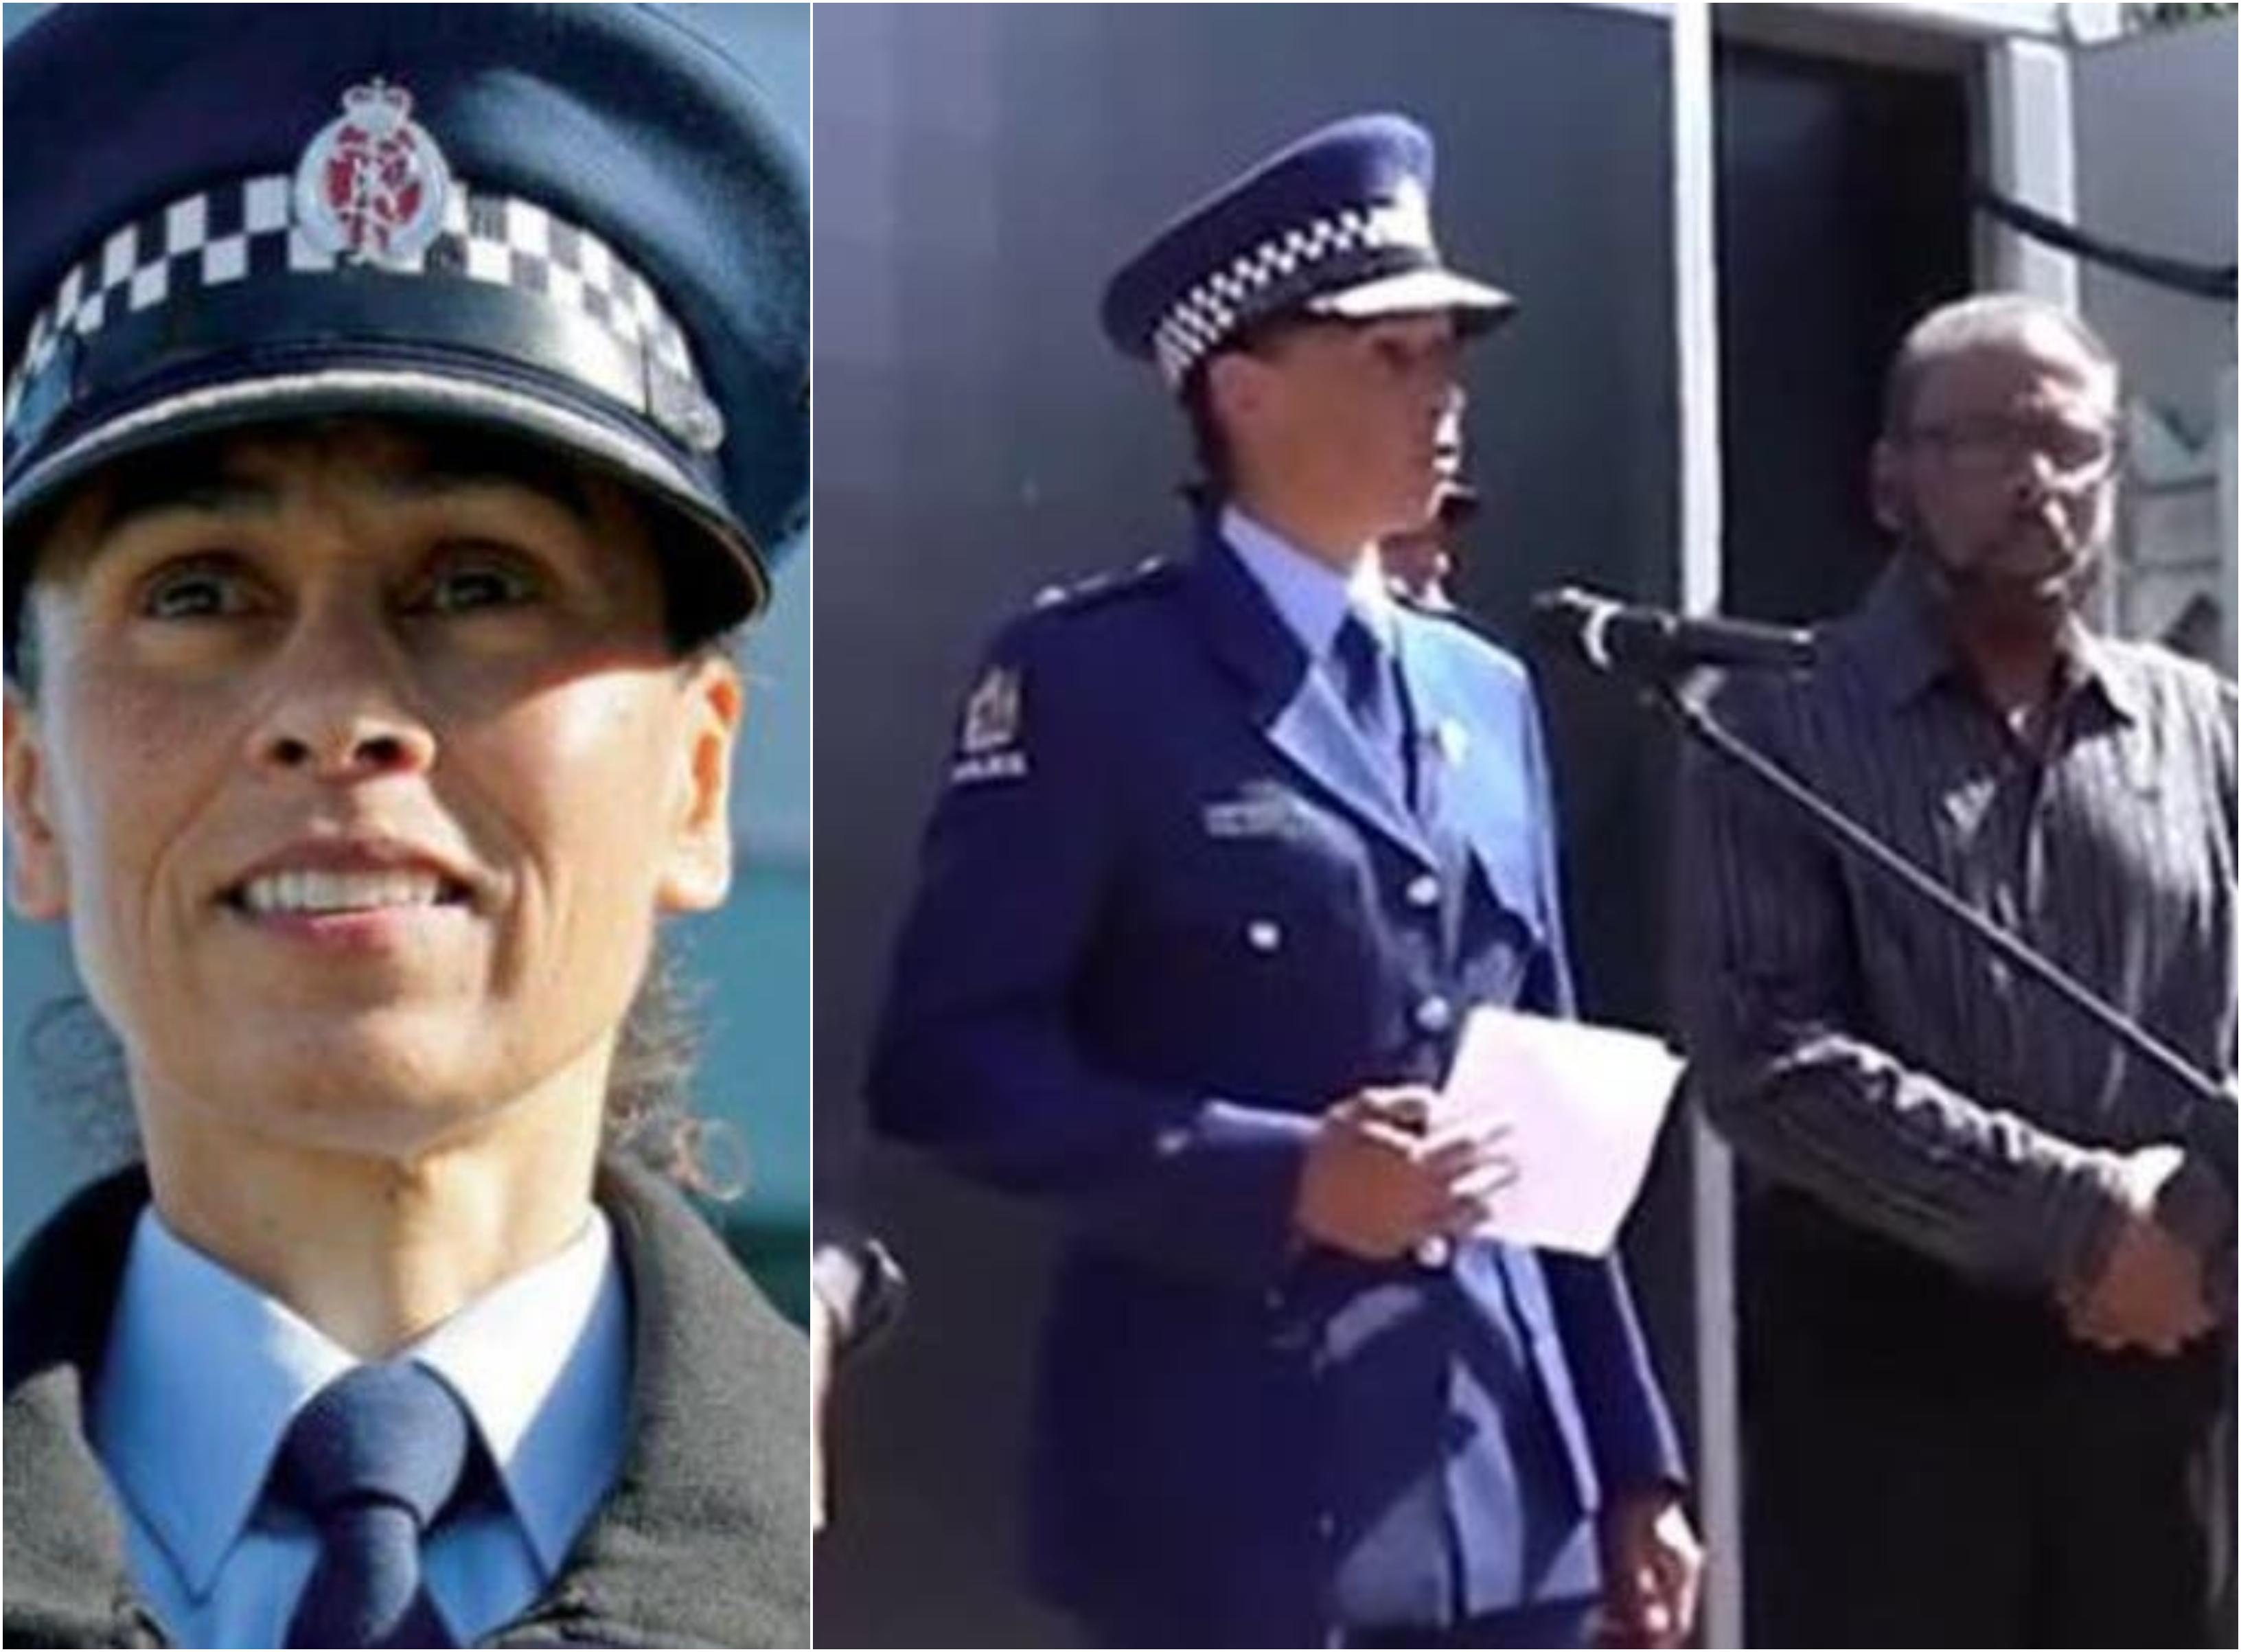 """مديرة شرطة نيوزلندا التي فاجأت العالم بكلمتها """"السلام عليكم"""" أثناء تأبين ضحايا المجزرة زارت مكة وأدت فريضة الحج..""""انبهرتُ حين رأيت الكعبة"""""""